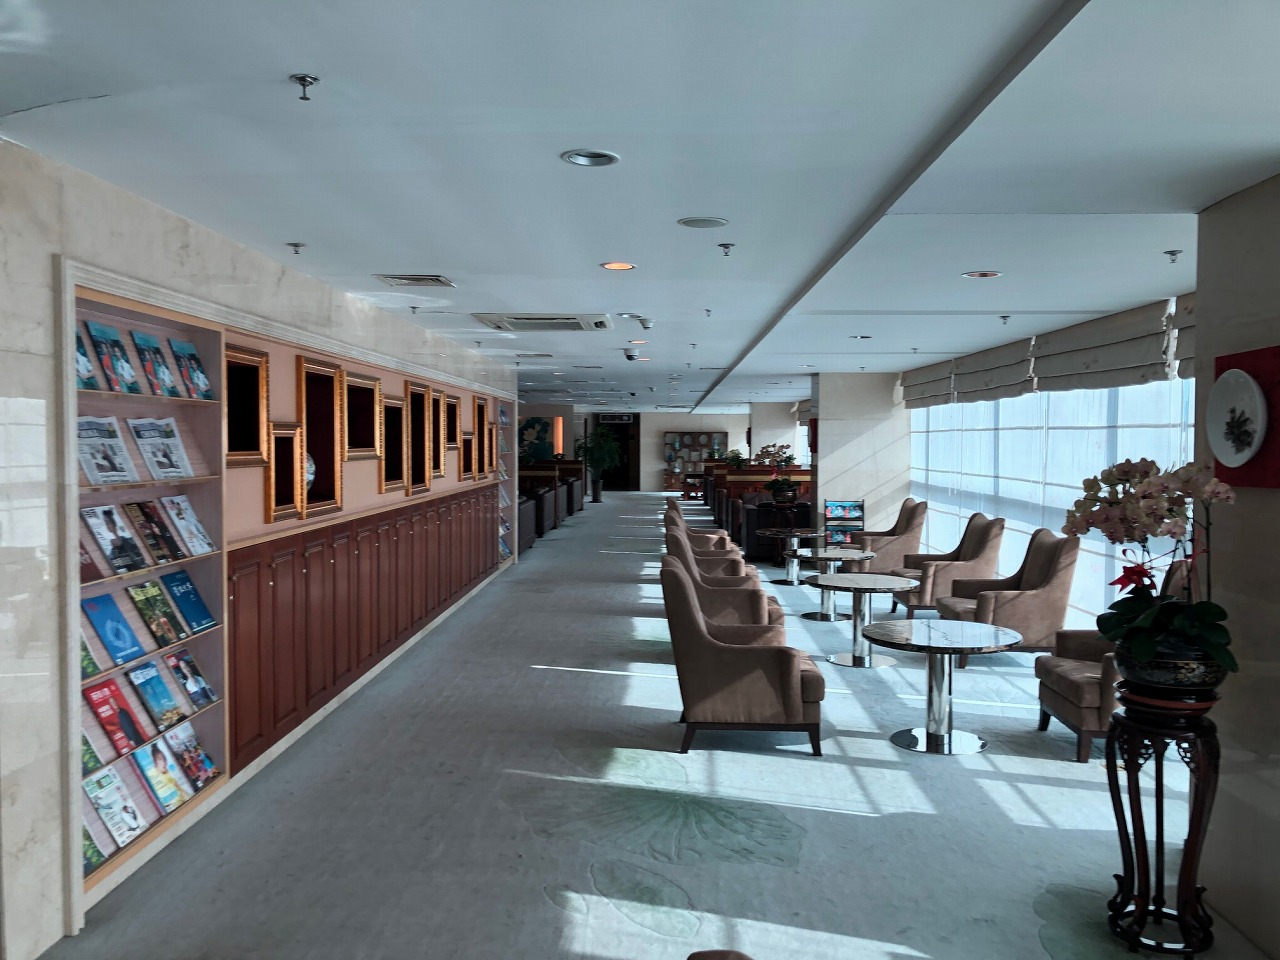 大連空港国際線ターミナル VIPラウンジ内の様子